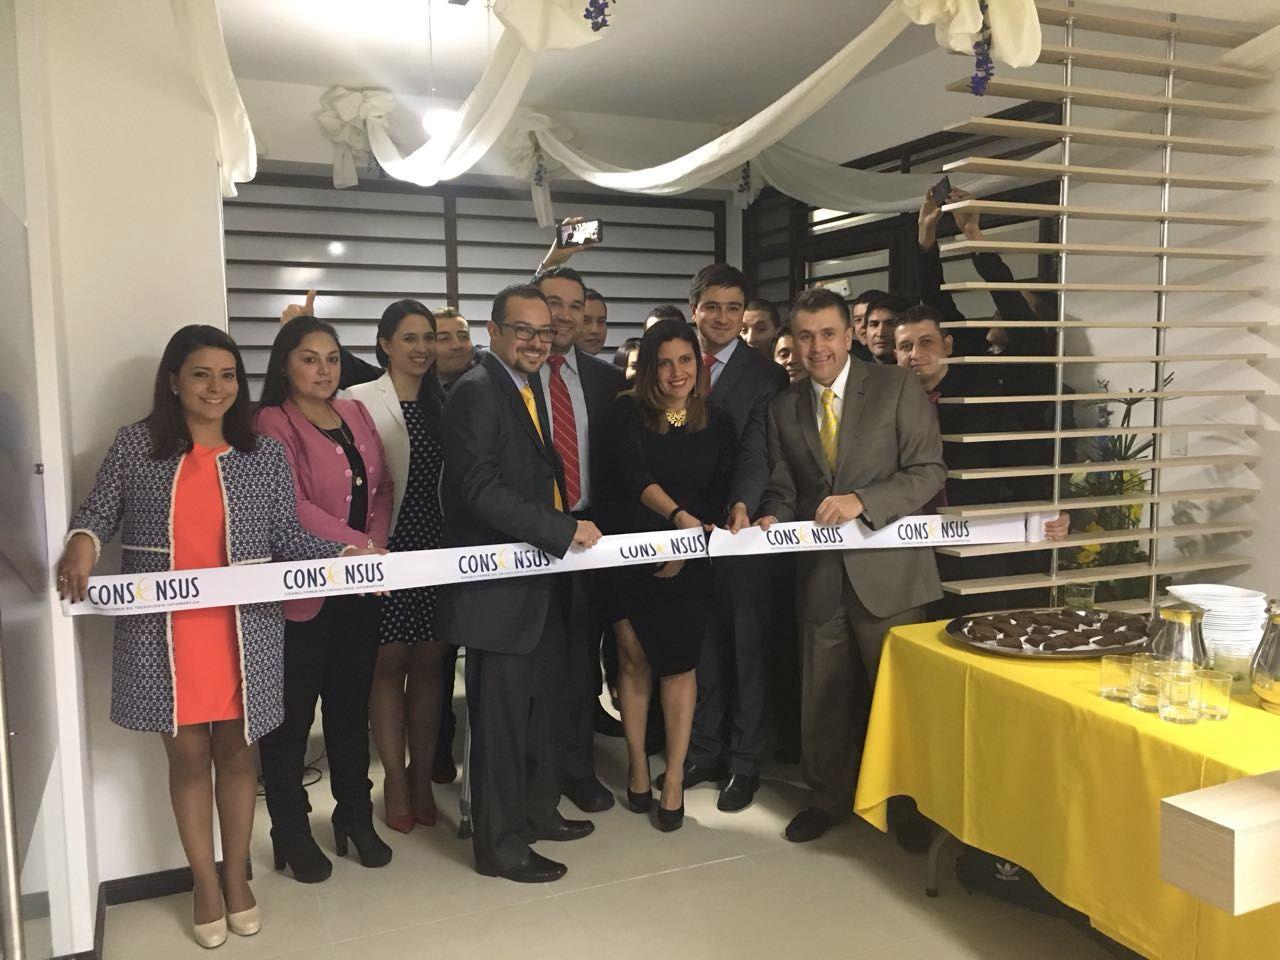 Inauguración de Consensus en el Eje Cafetero